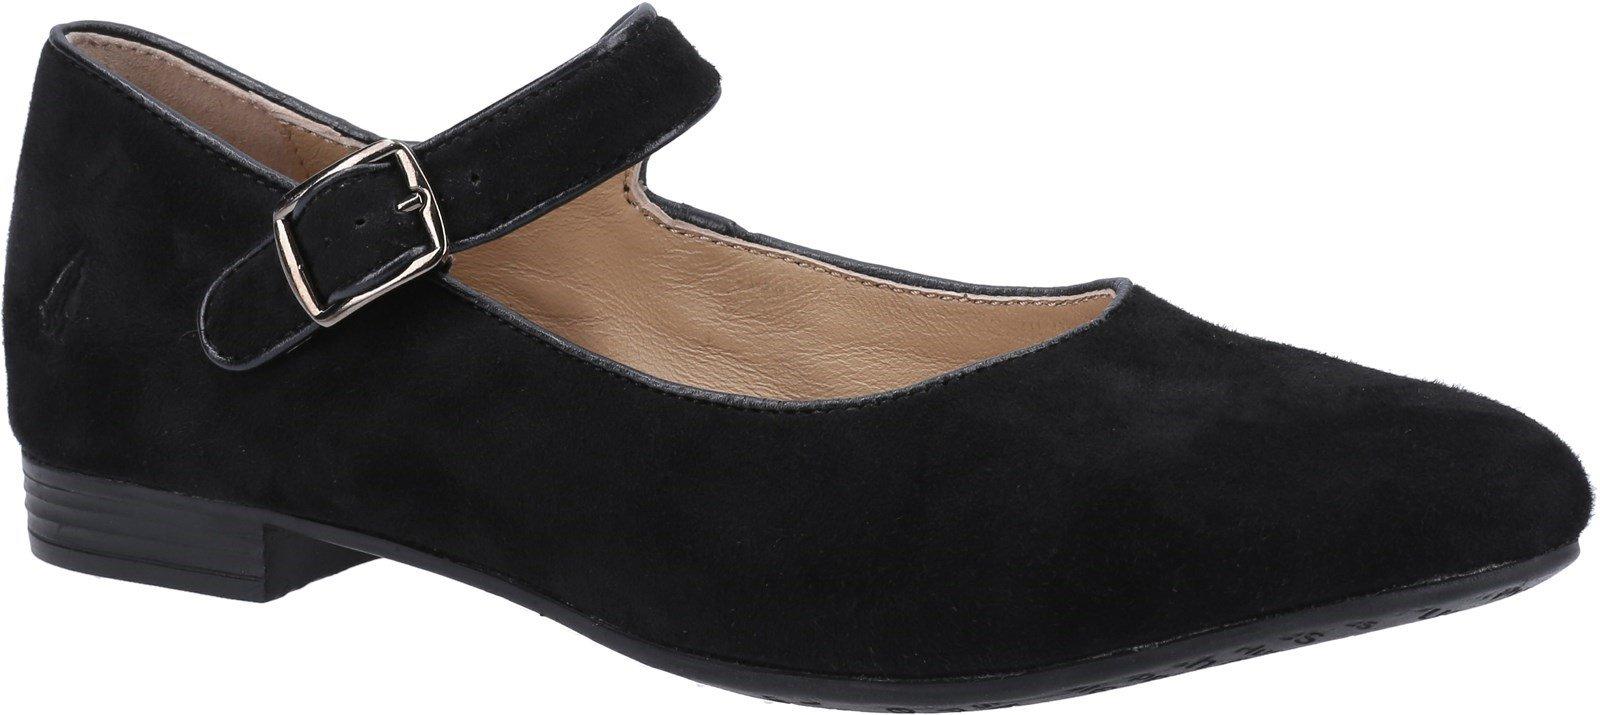 Hush Puppies Women's Melissa Strap Flat Shoe Various Colours 31954 - Black 8